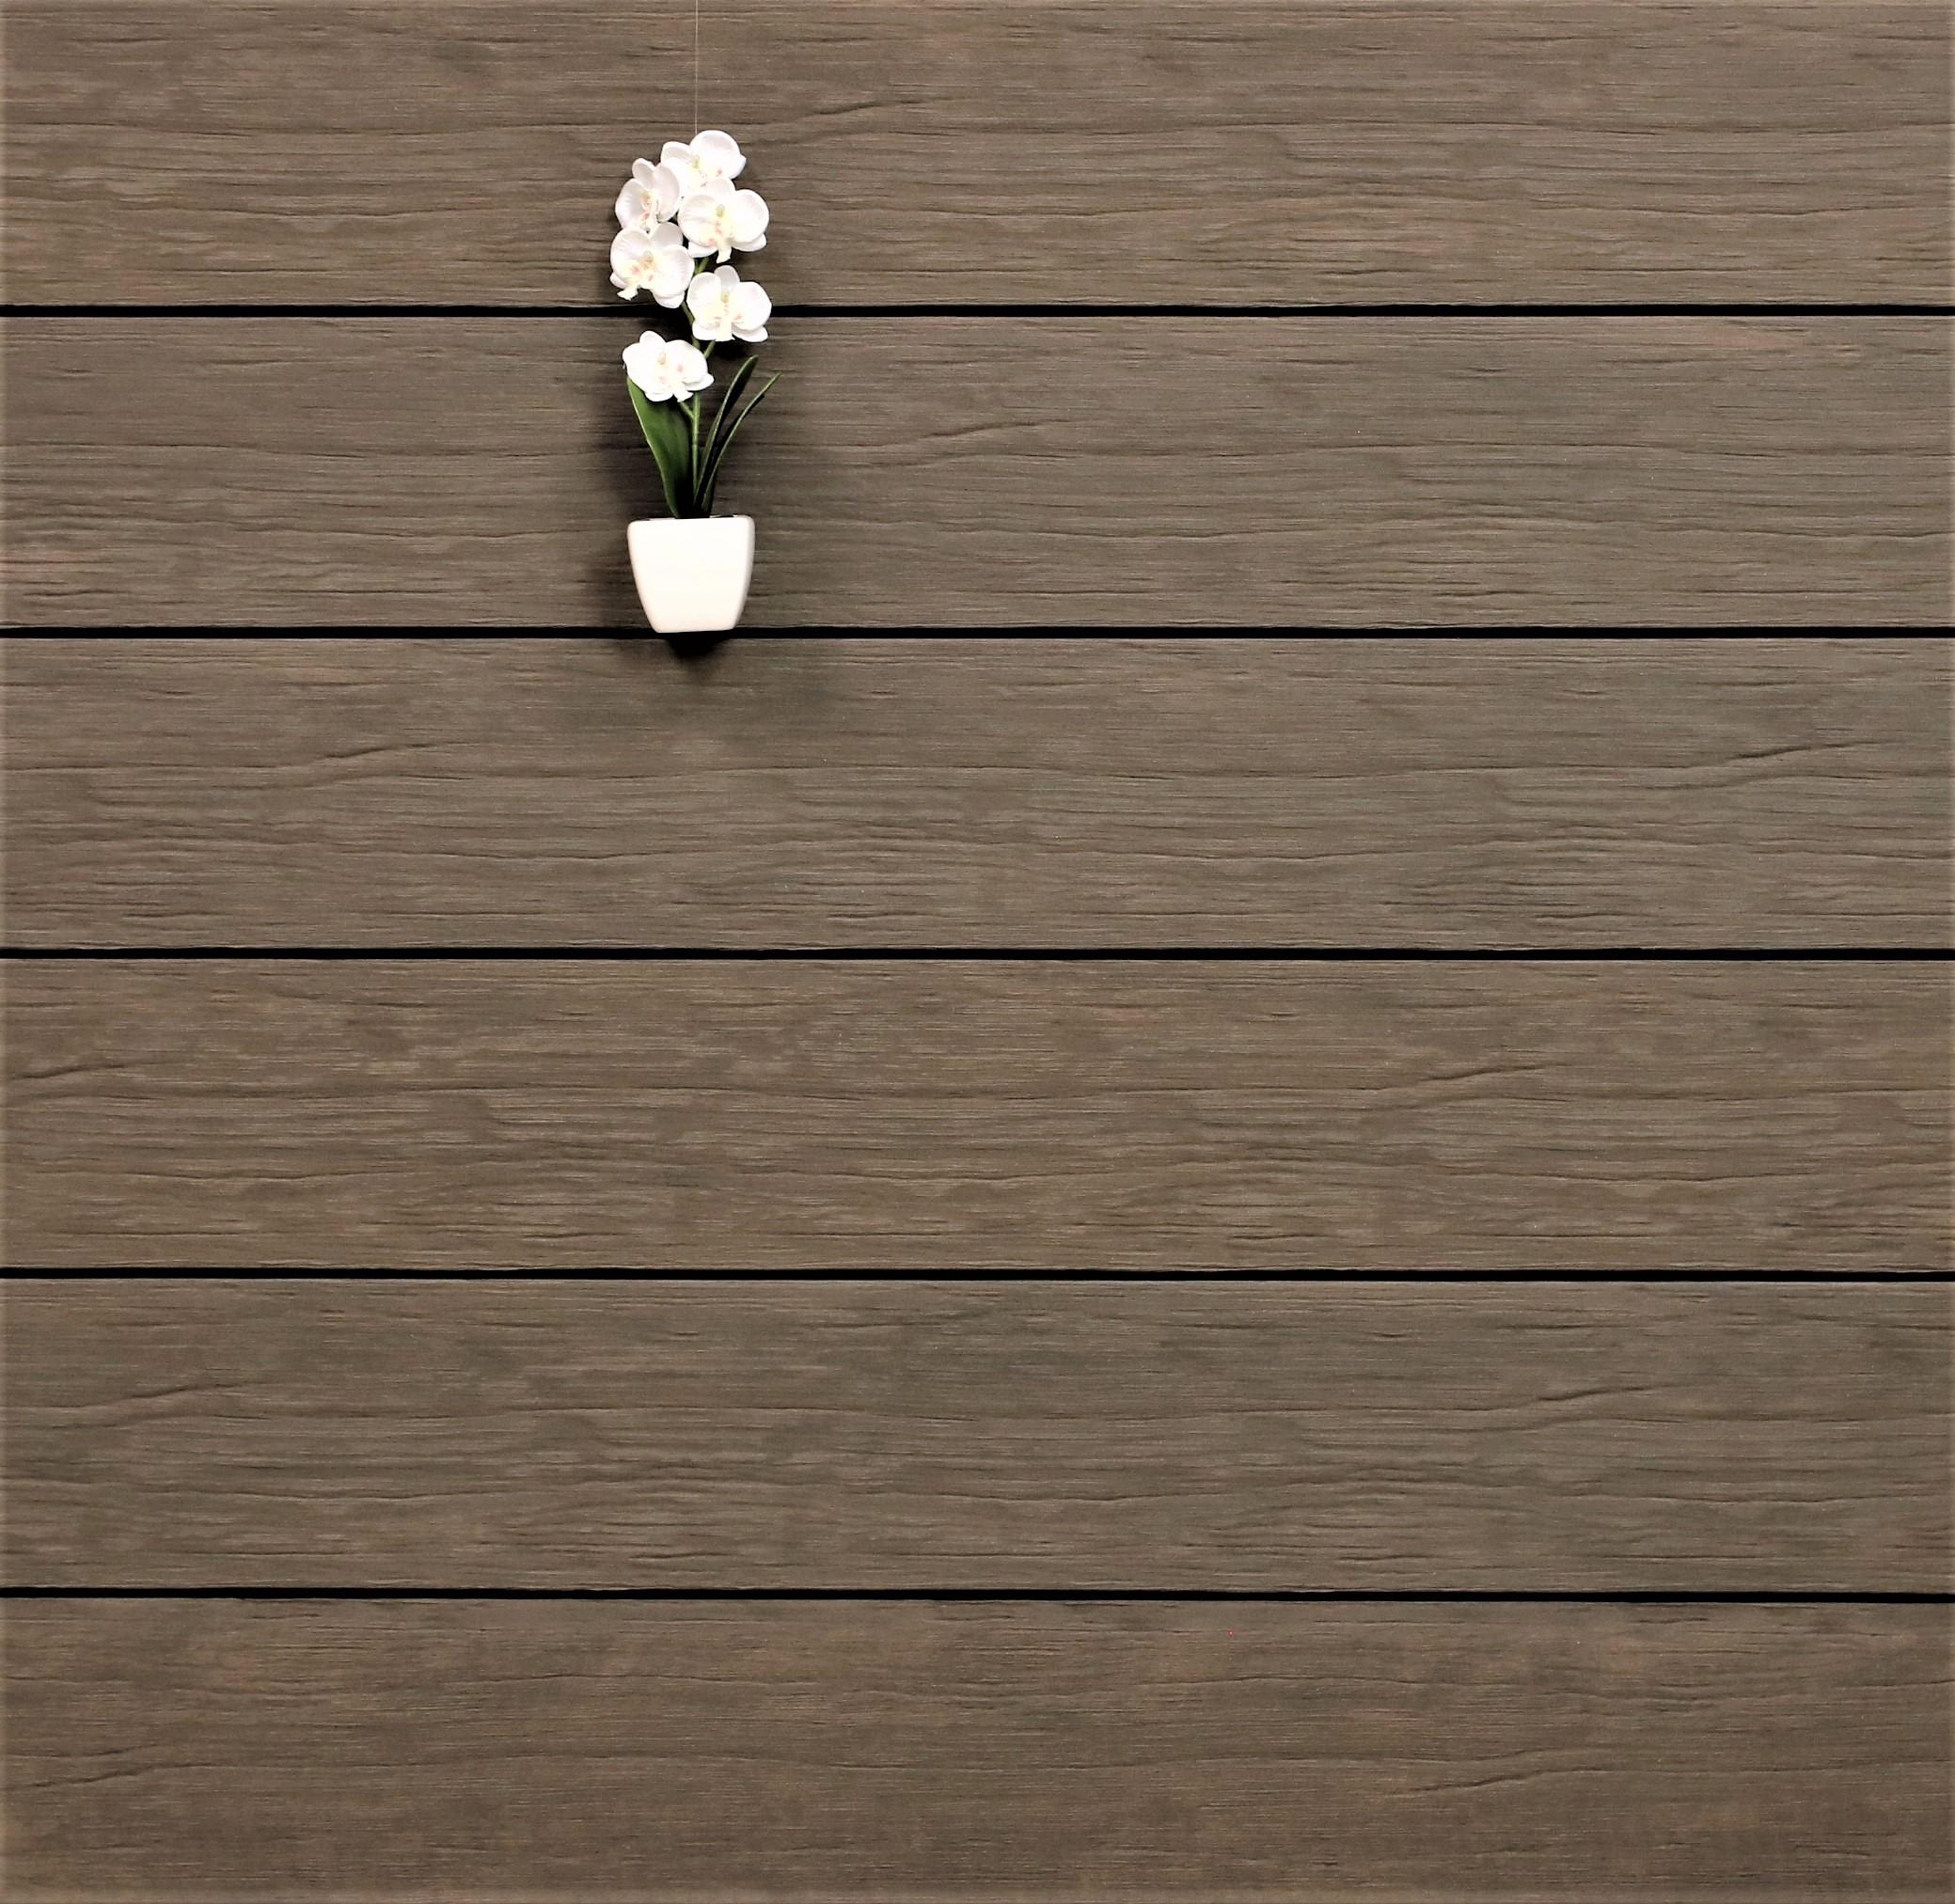 WPC Terrasse massiv, sand, Oberfläche antik gealtert, 22 x 143 bis 4800 mm, Vollprofil, 8,40 €/lfm